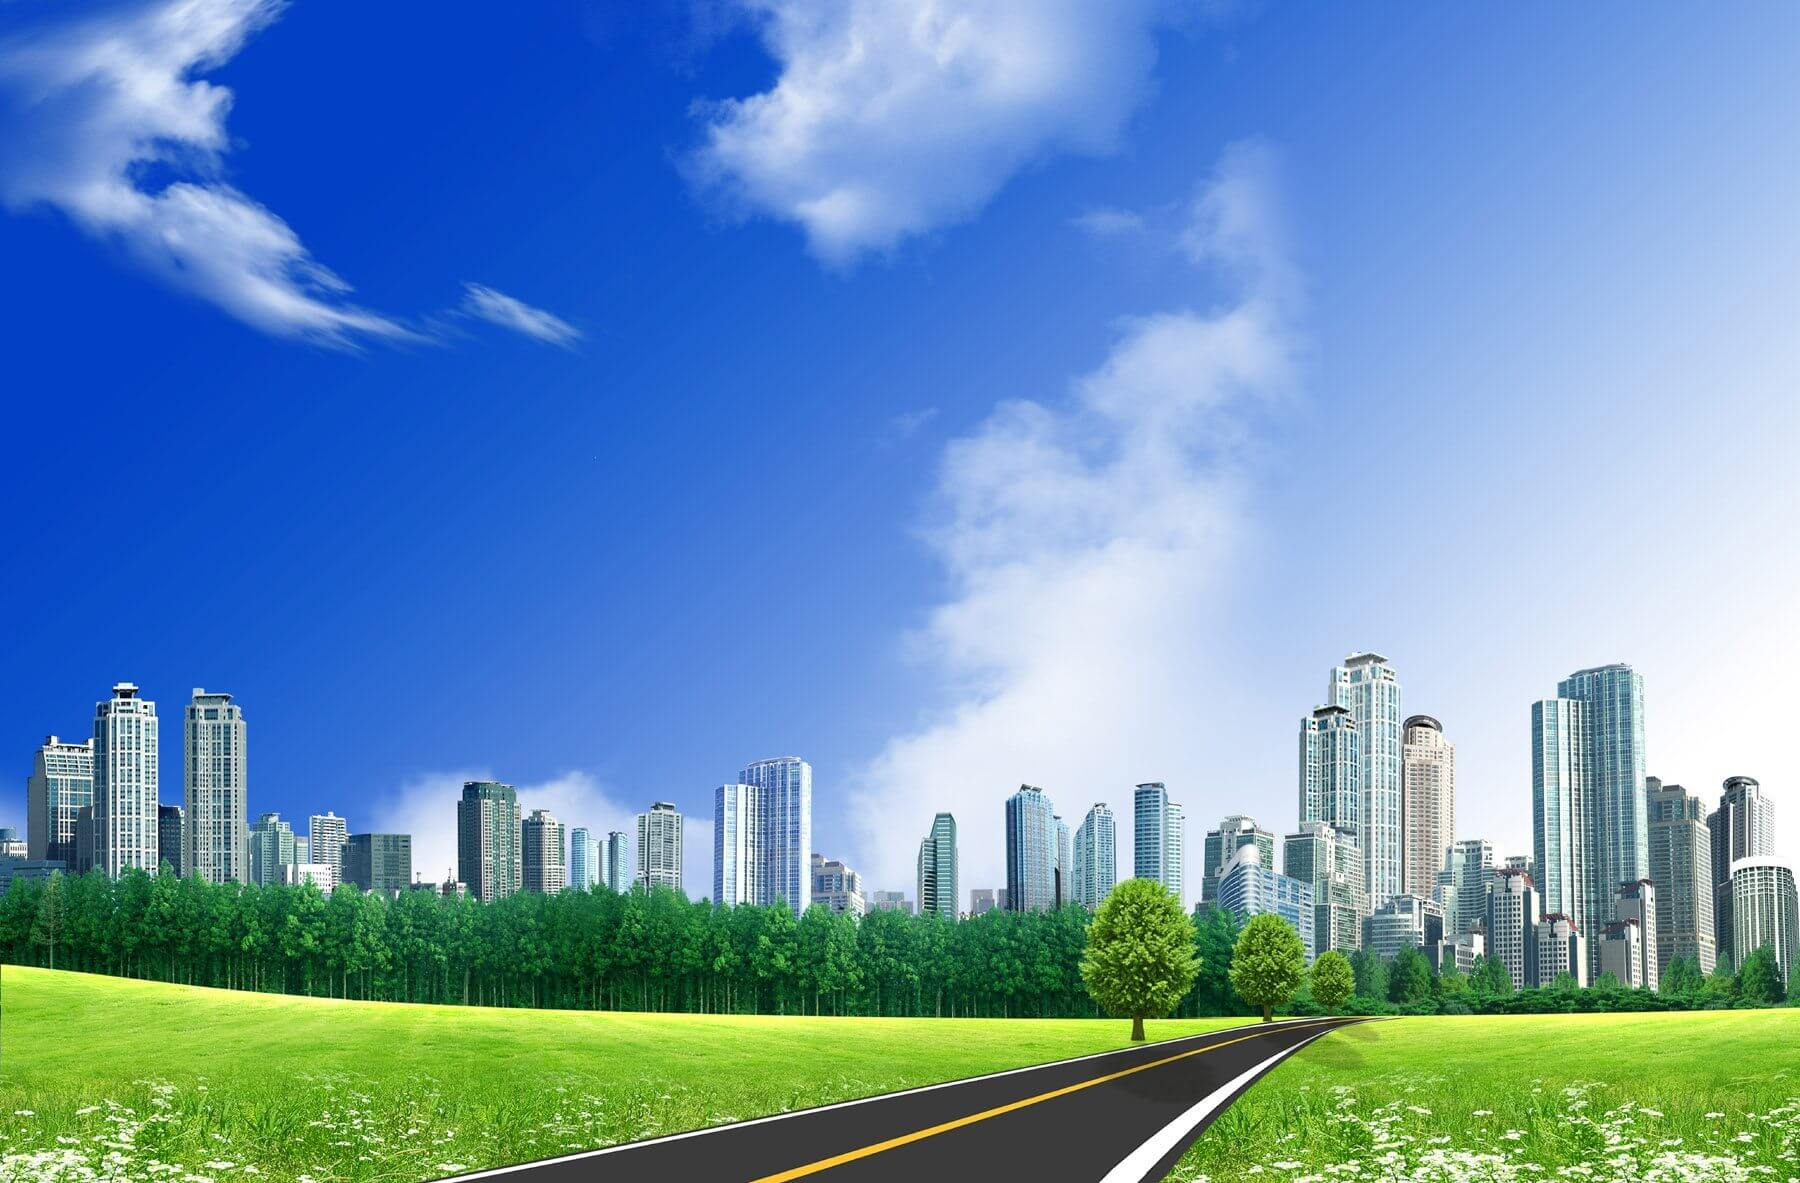 smt mc urban - Economia do Futuro para as Cidades: Finanças